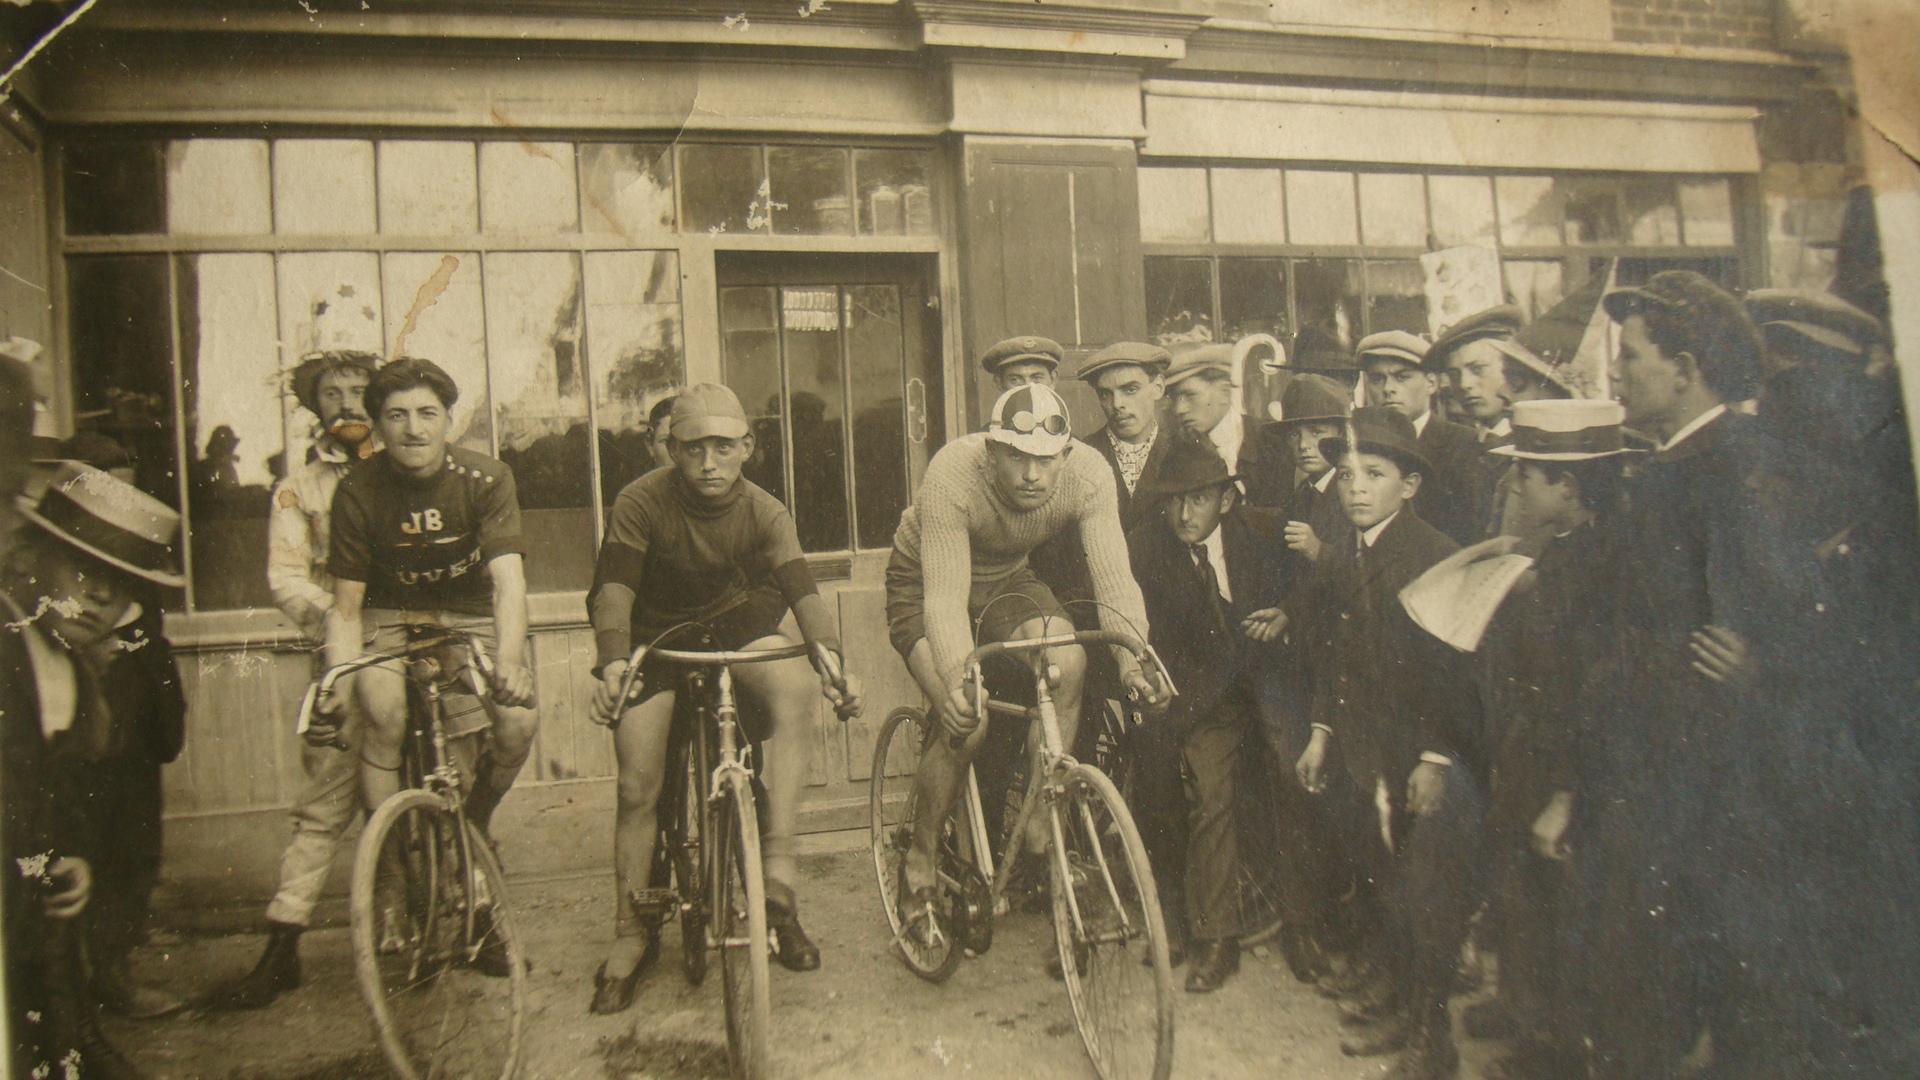 Le magasin de cycles place de la mairie